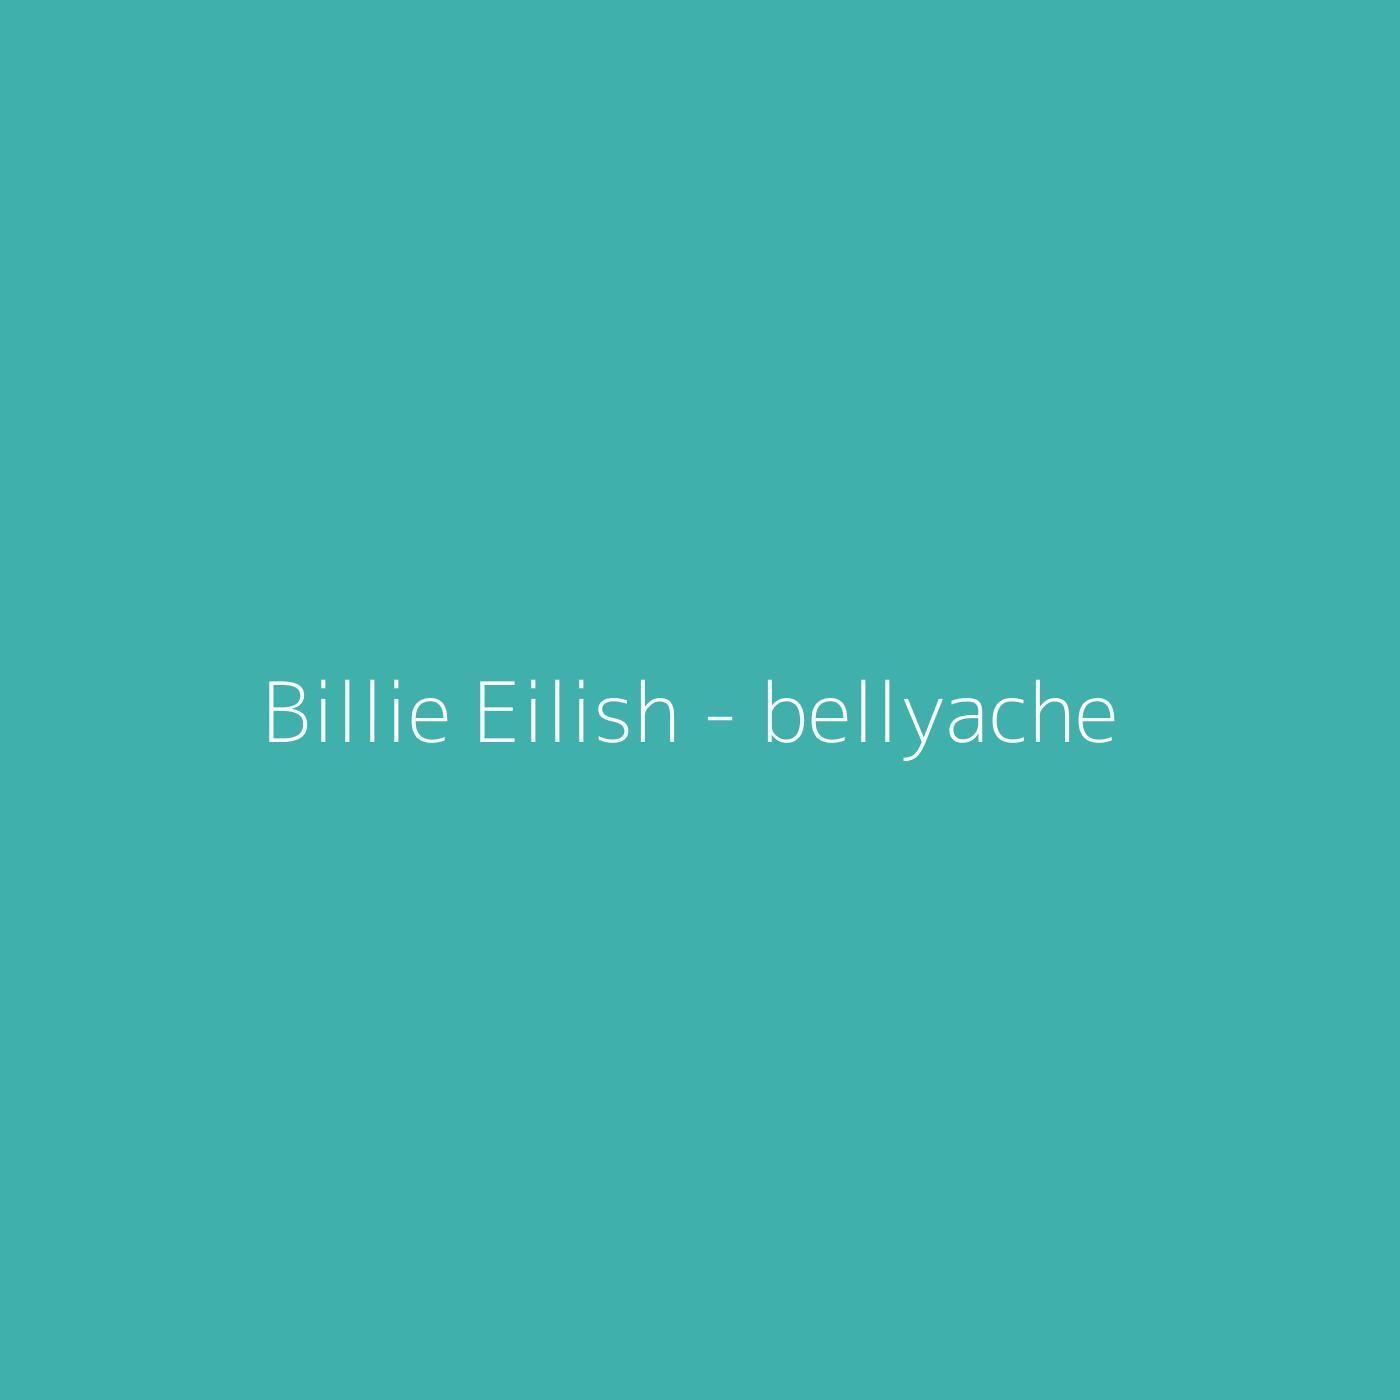 Billie Eilish - bellyache